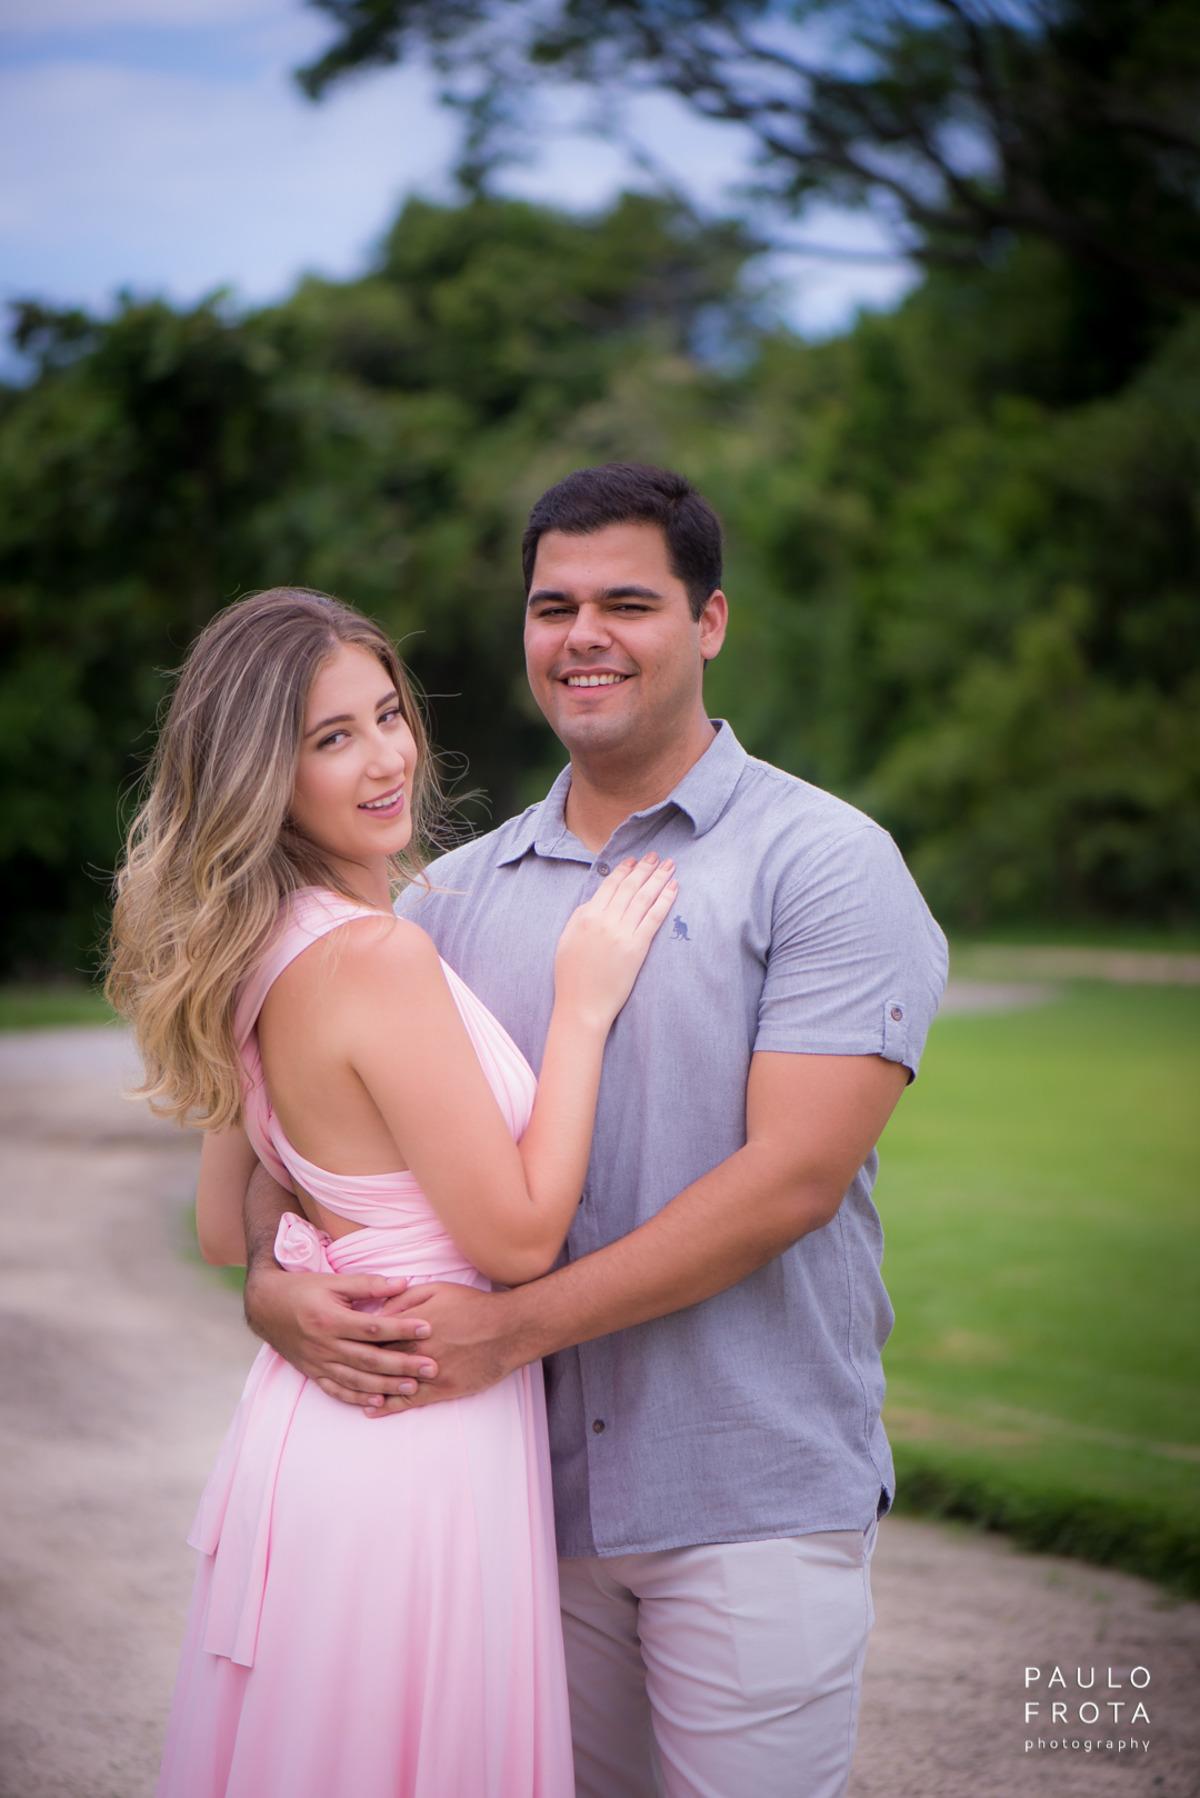 casal abraçado posando para a foto